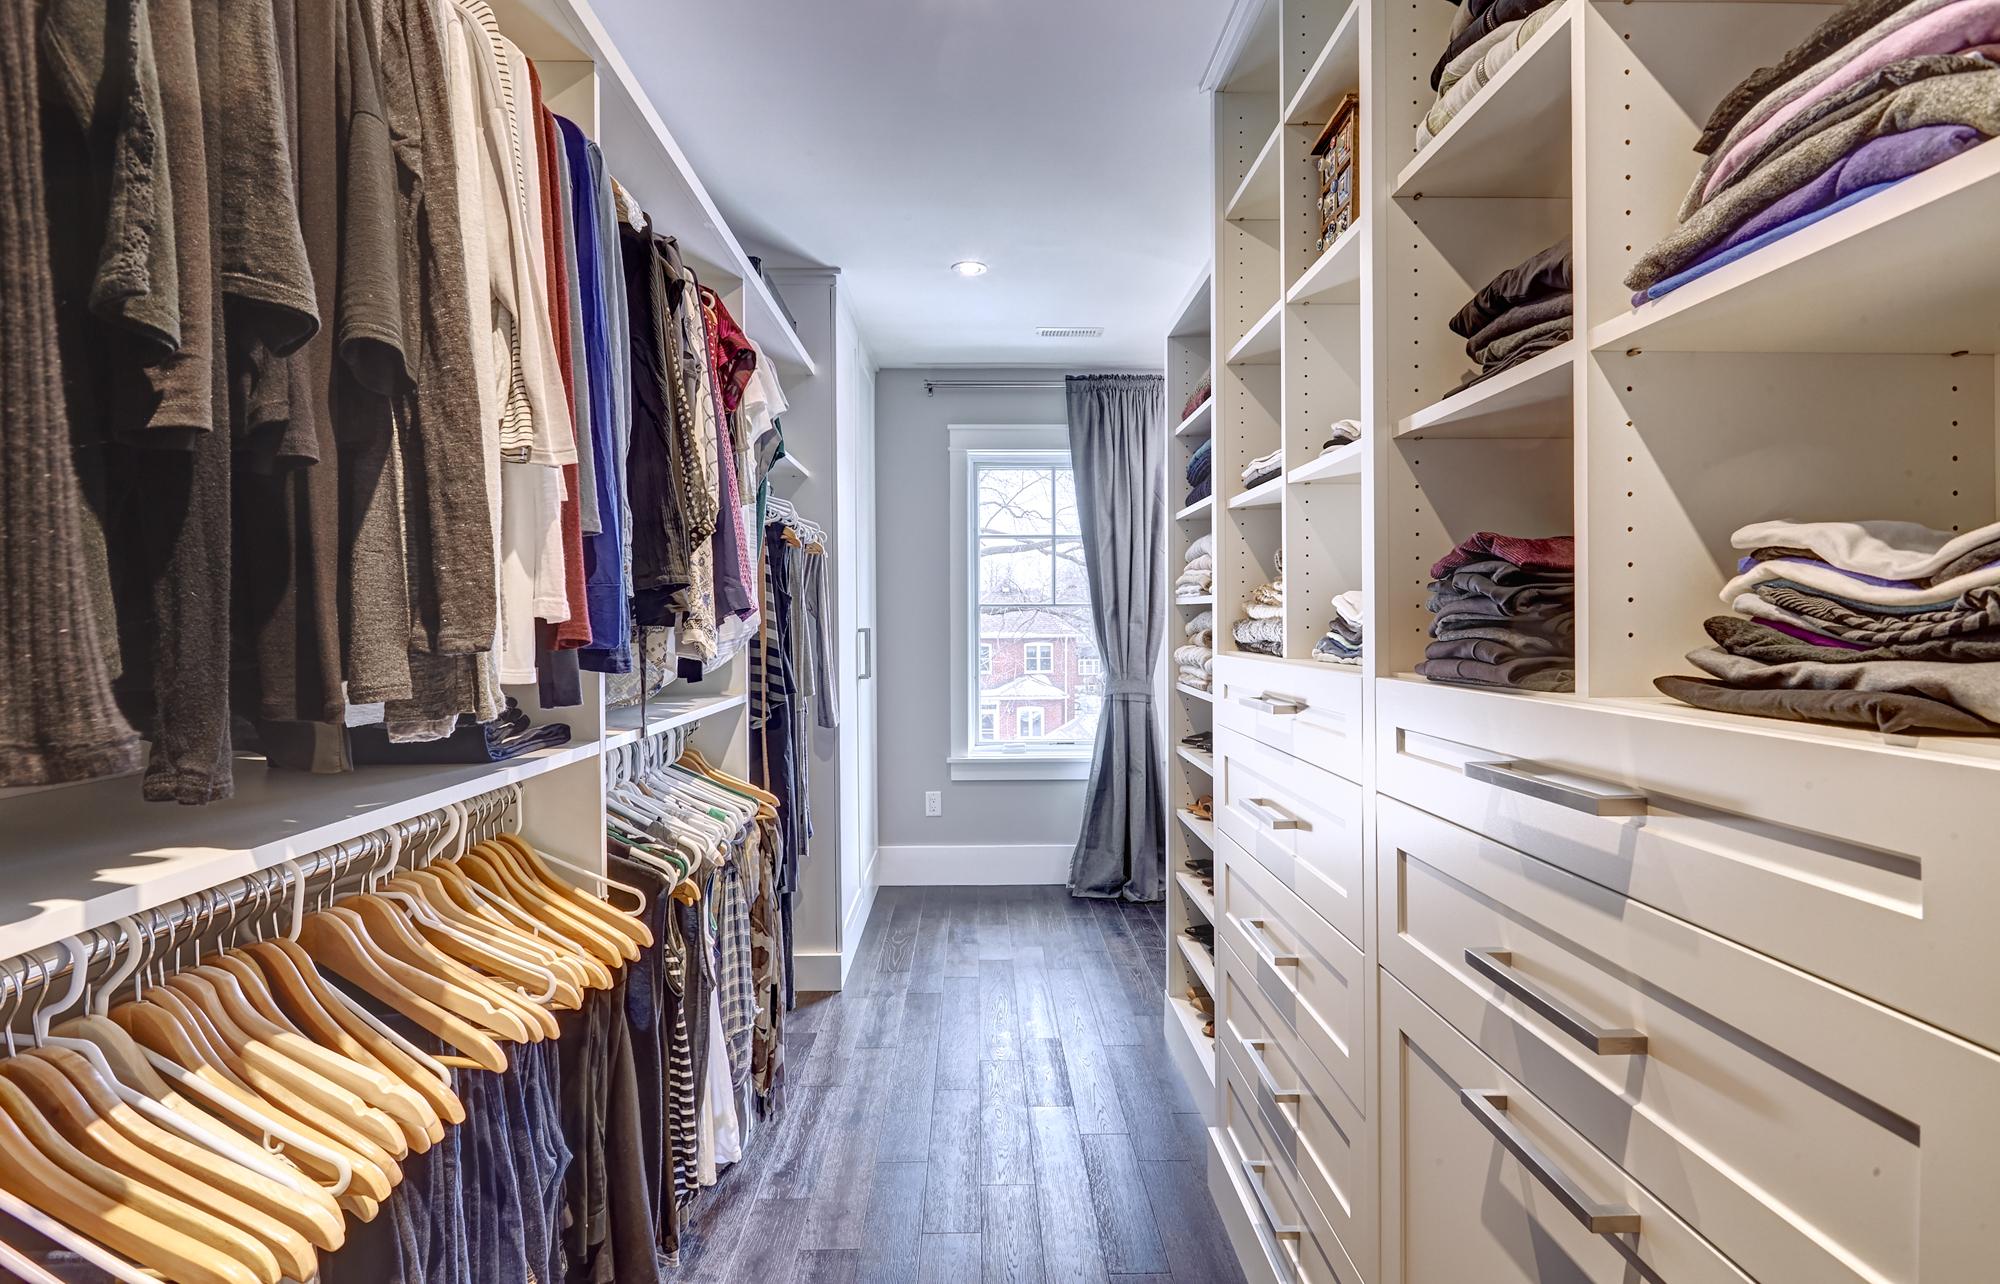 換季小貼士 整理衣櫃有妙法 四招助你清理不要的舊衣物 Storage Select︱迷你倉 ‧ 一網全搜